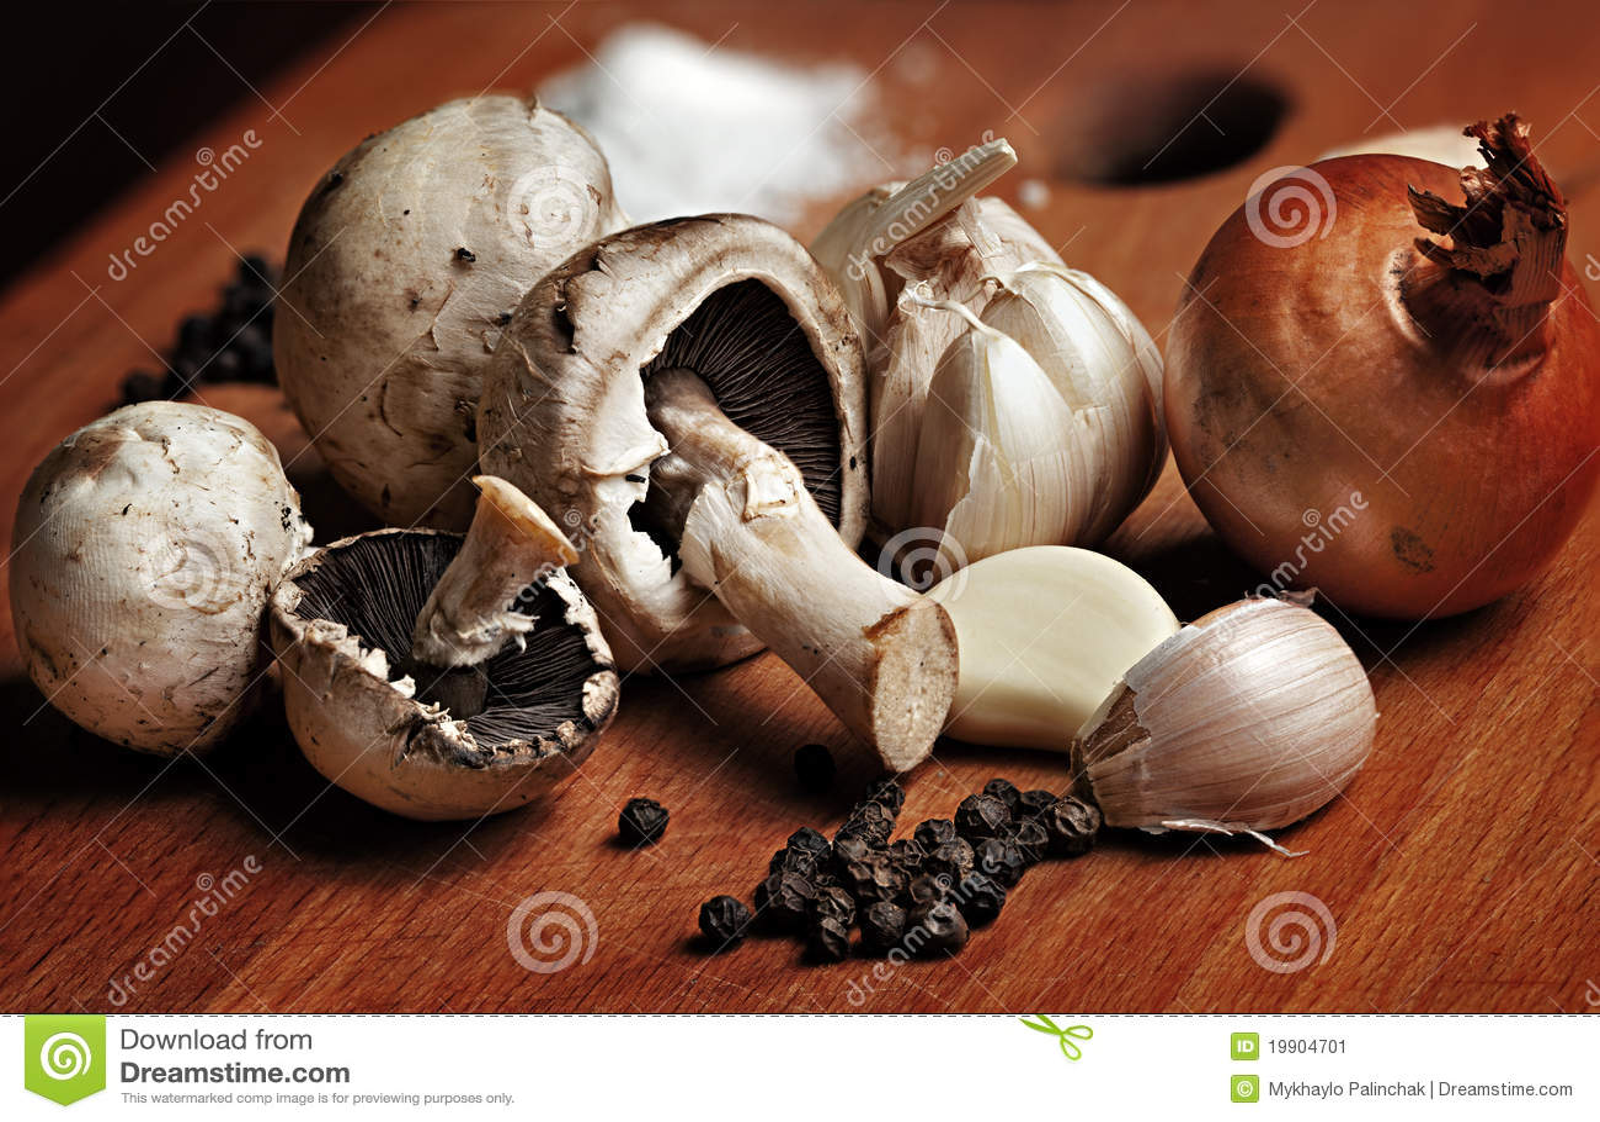 how to cook champignon mushrooms